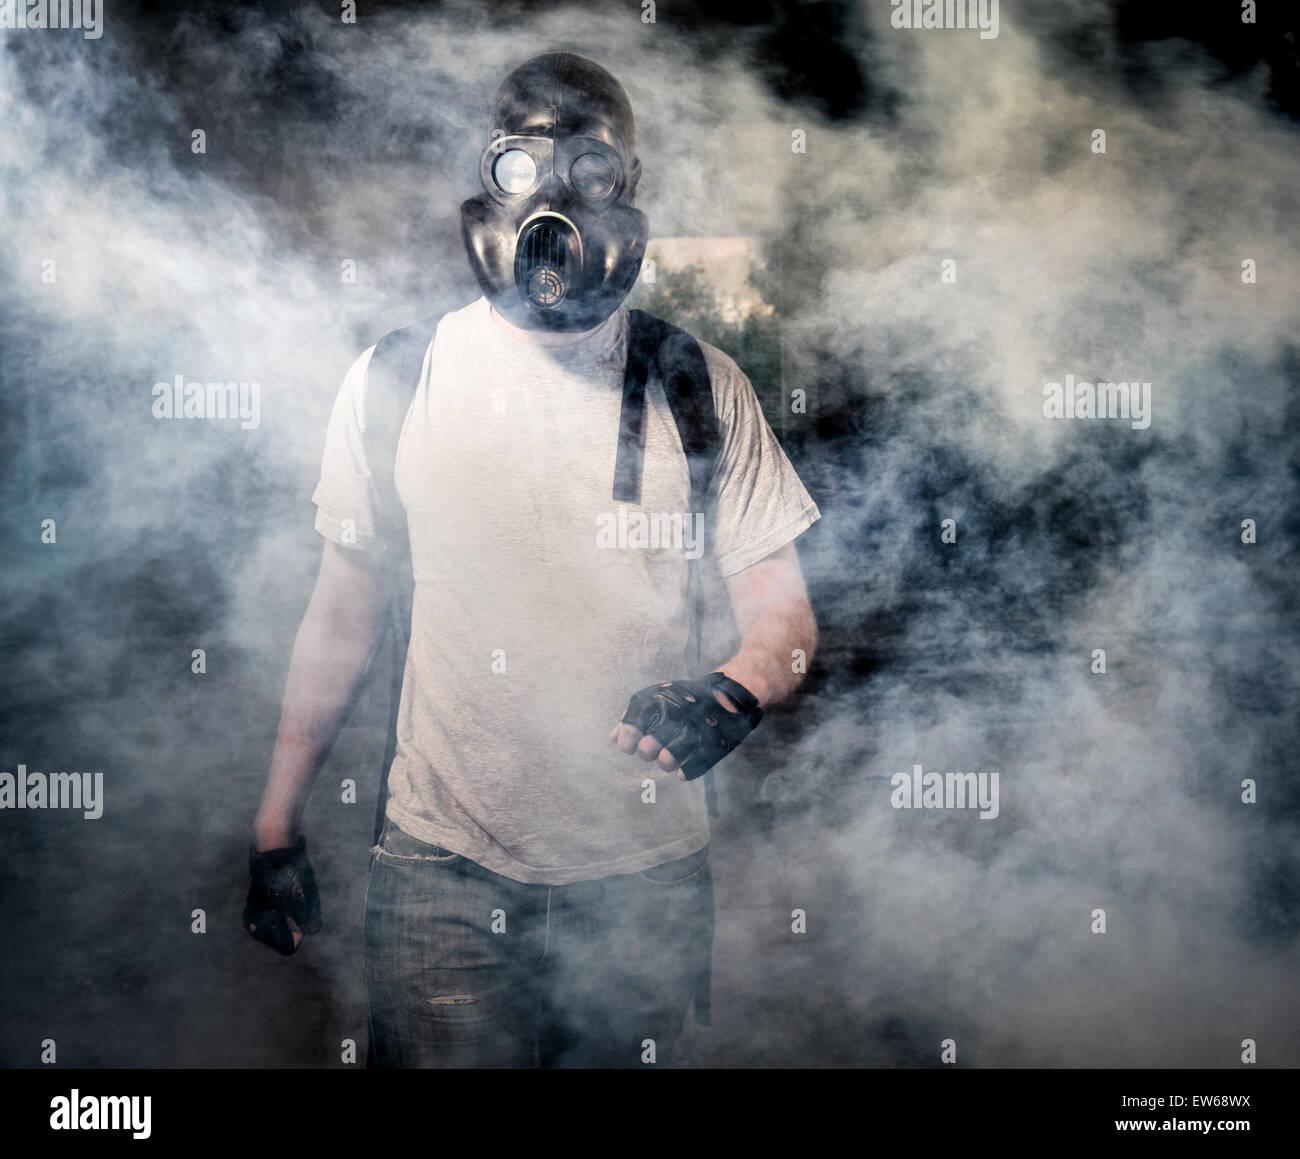 Man in a gas mask walking through the smoke - Stock Image